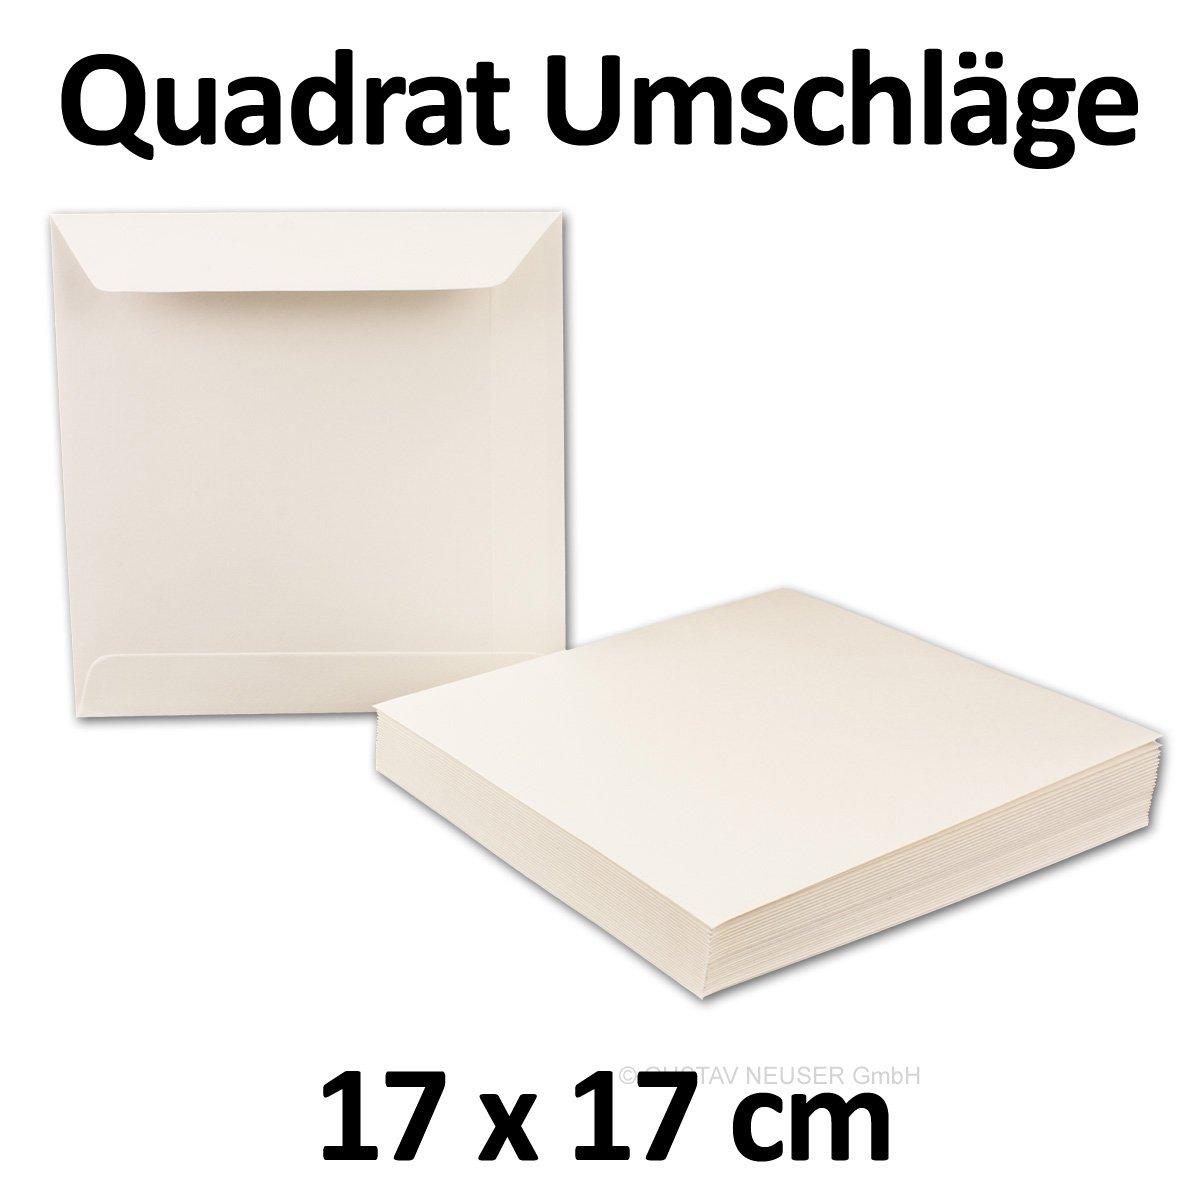 100 Stück // Umschläge quadratisch, Opal-Weiß, 17 x 17 cm, 120 g/m² // Naßklebung // flache Klappe // Serie O.P.A.L von GUSTAV NEUSER®